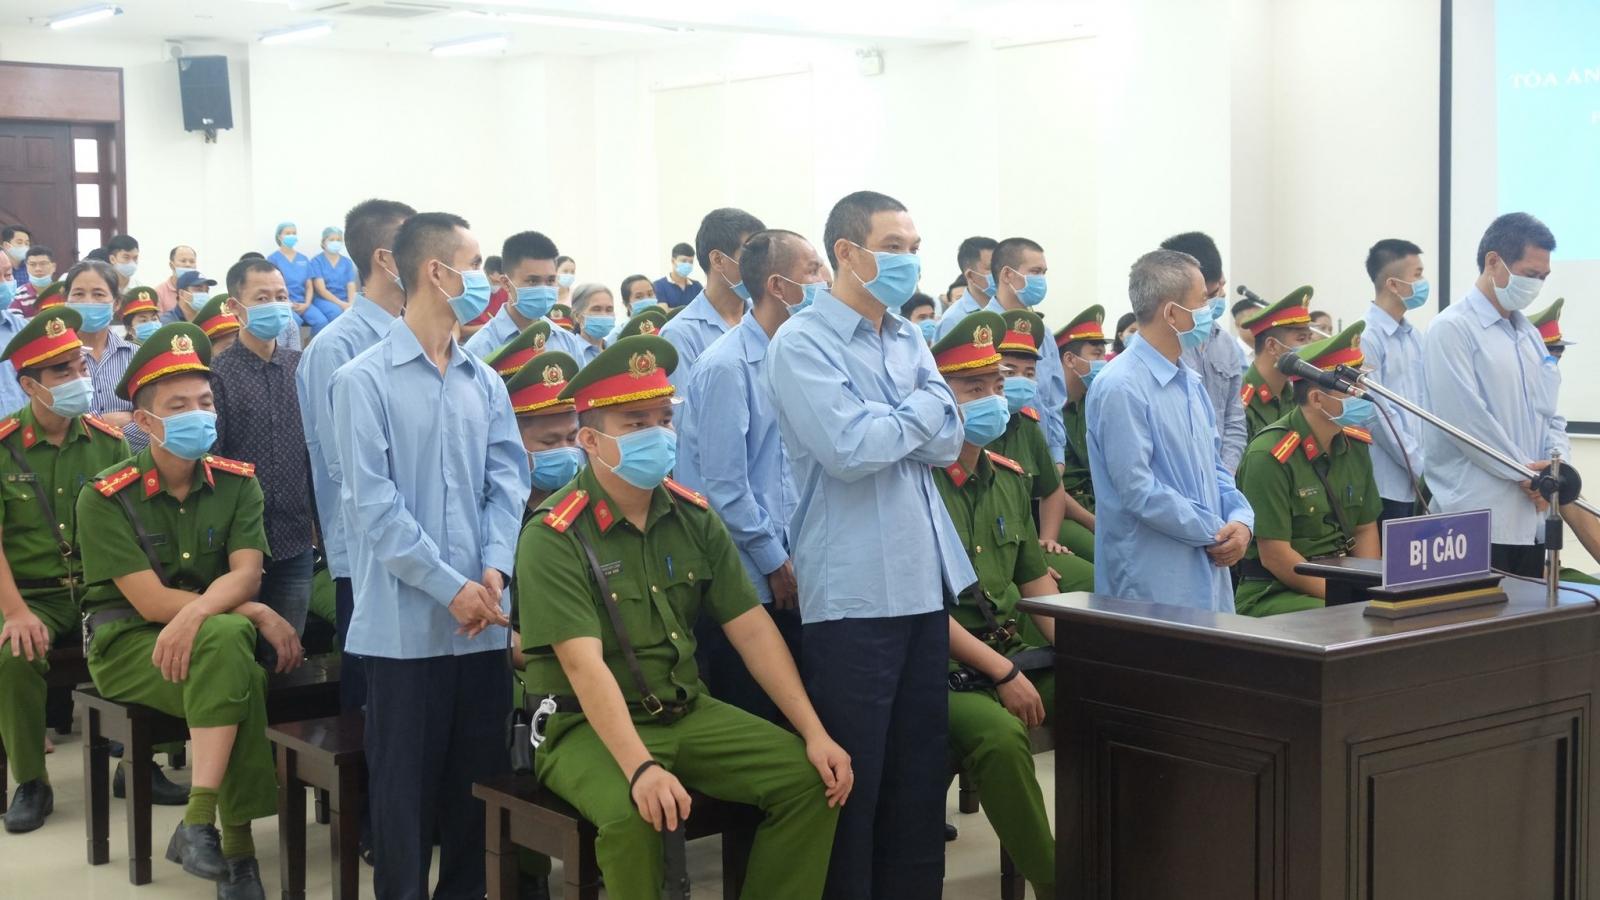 Vụ án giết người ở Đồng Tâm: 2 án Tử hình, 14 bị cáo được trả tự do tại tòa